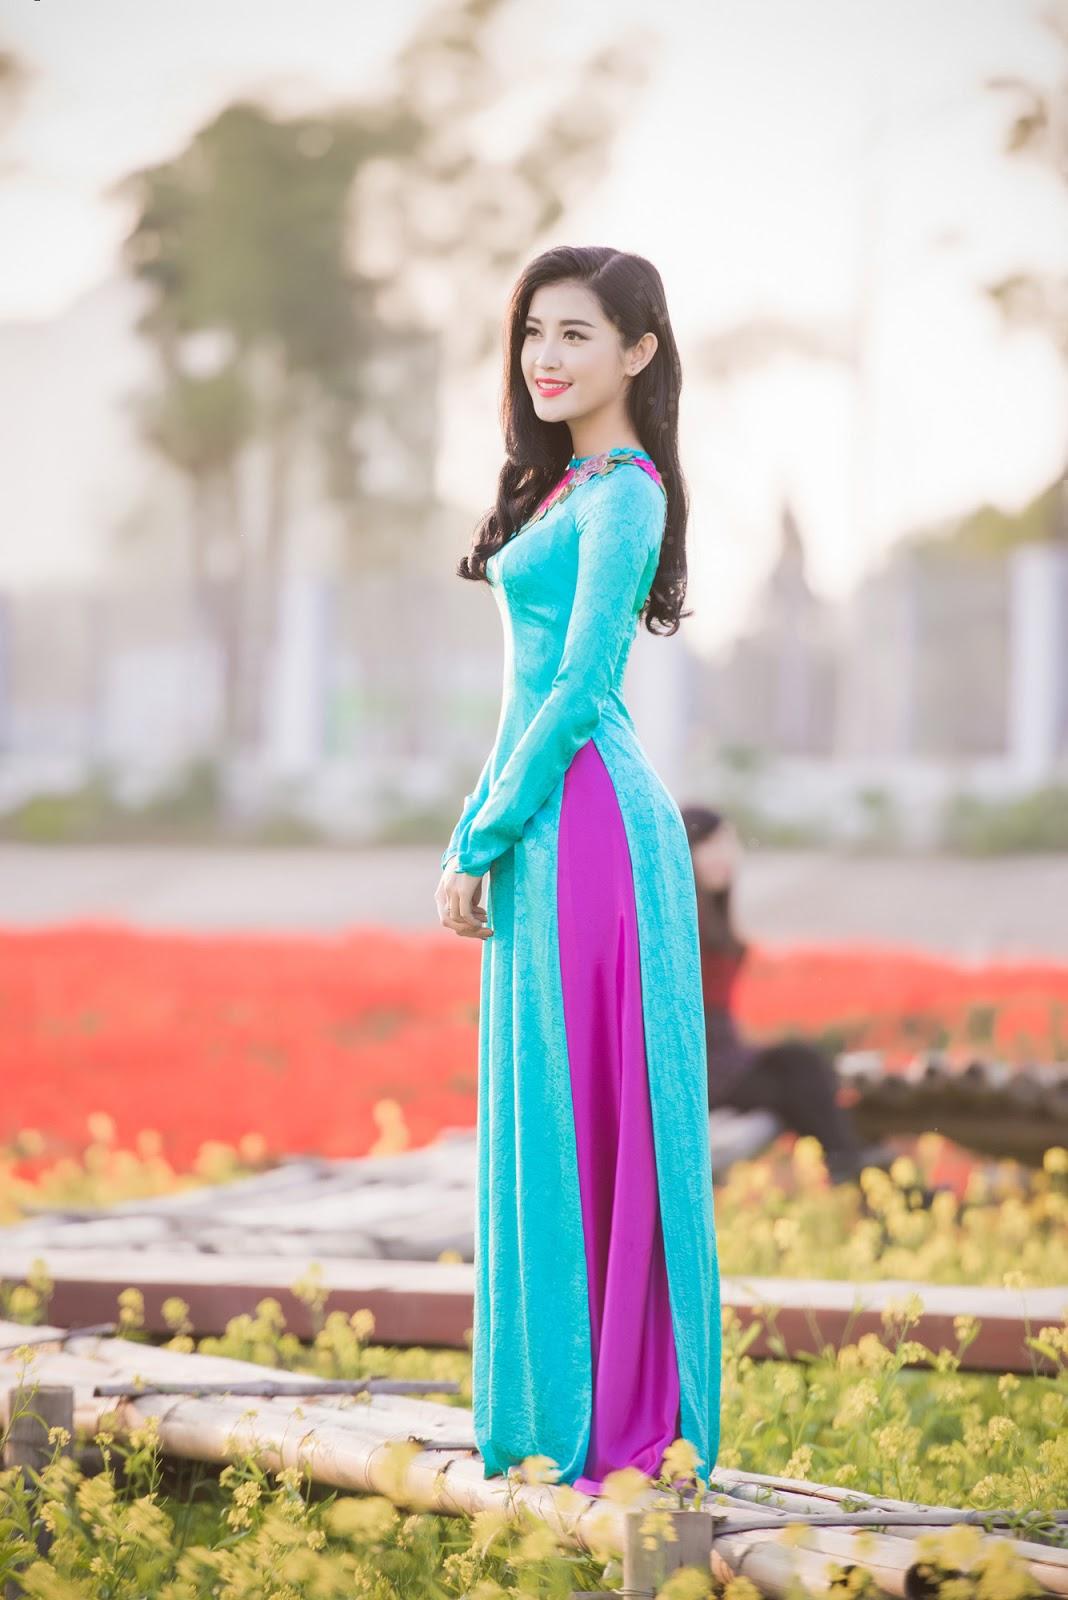 Á hậu Huyền My xinh đẹp rạng rỡ giữa hoa cỏ mùa Xuân @BaoBua: Duyên